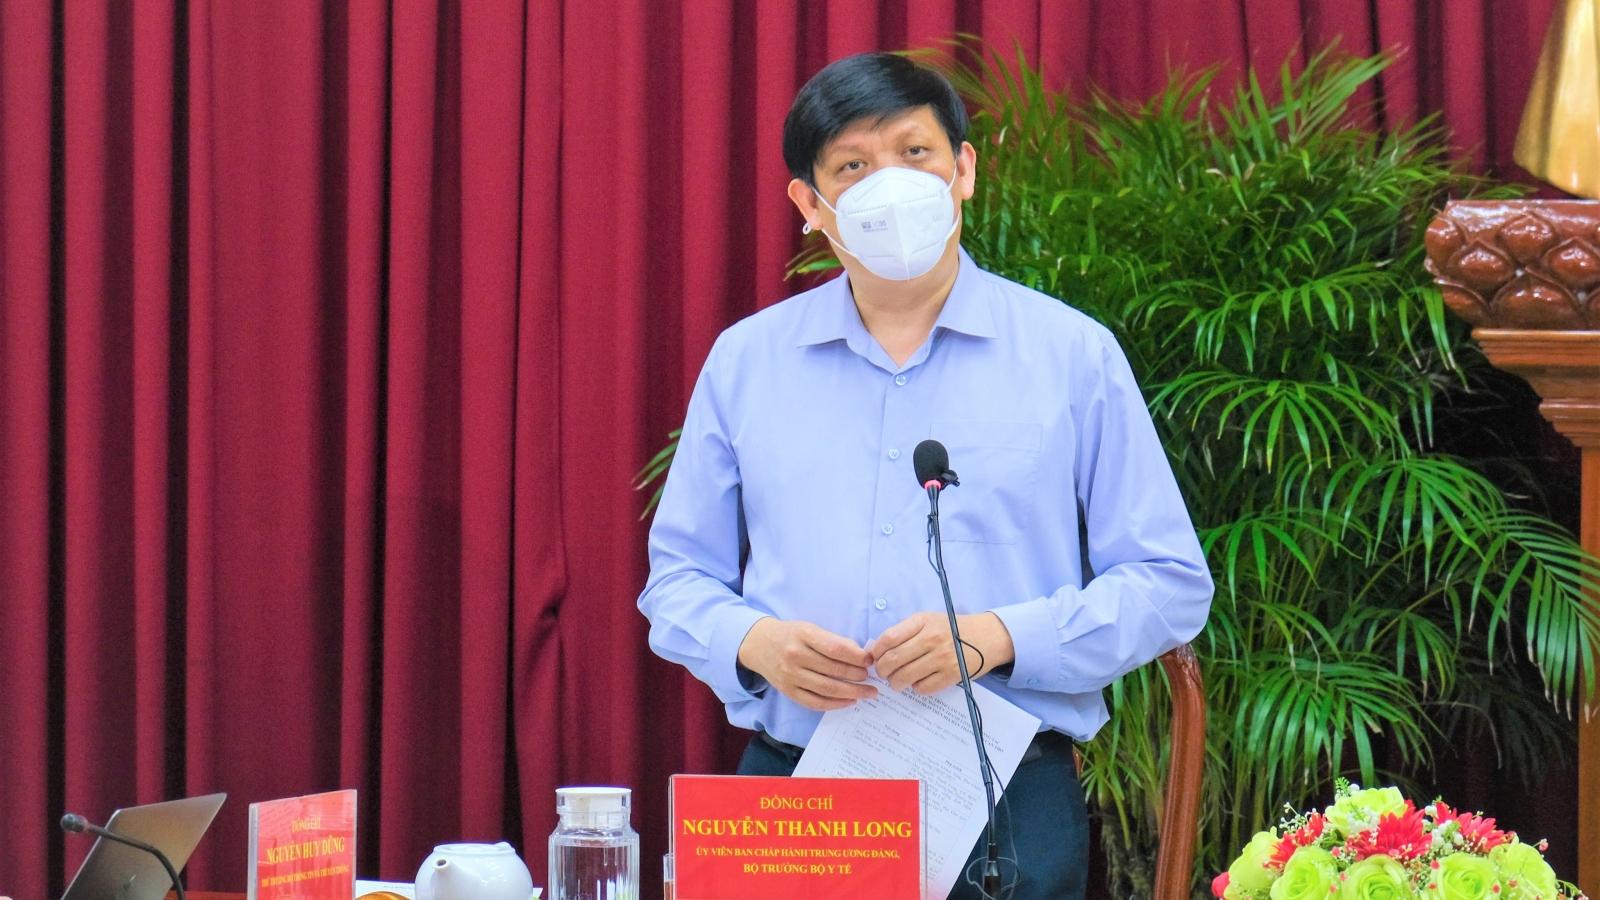 Bộ trưởng Y tế: Cần Thơ tổ chức tiêm vaccine Covid-19 càng nhanh càng tốt